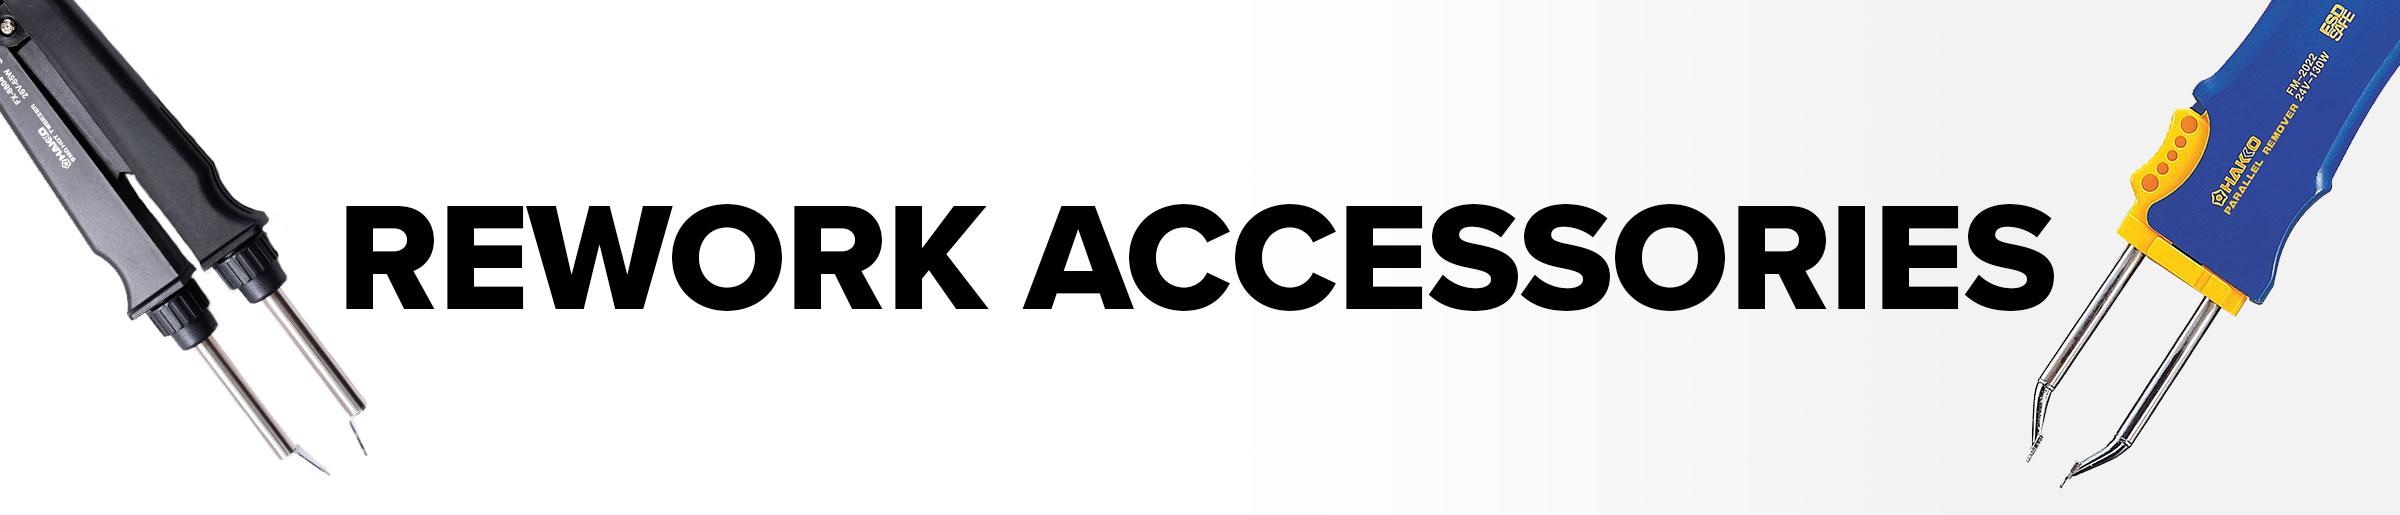 Rework Accessories